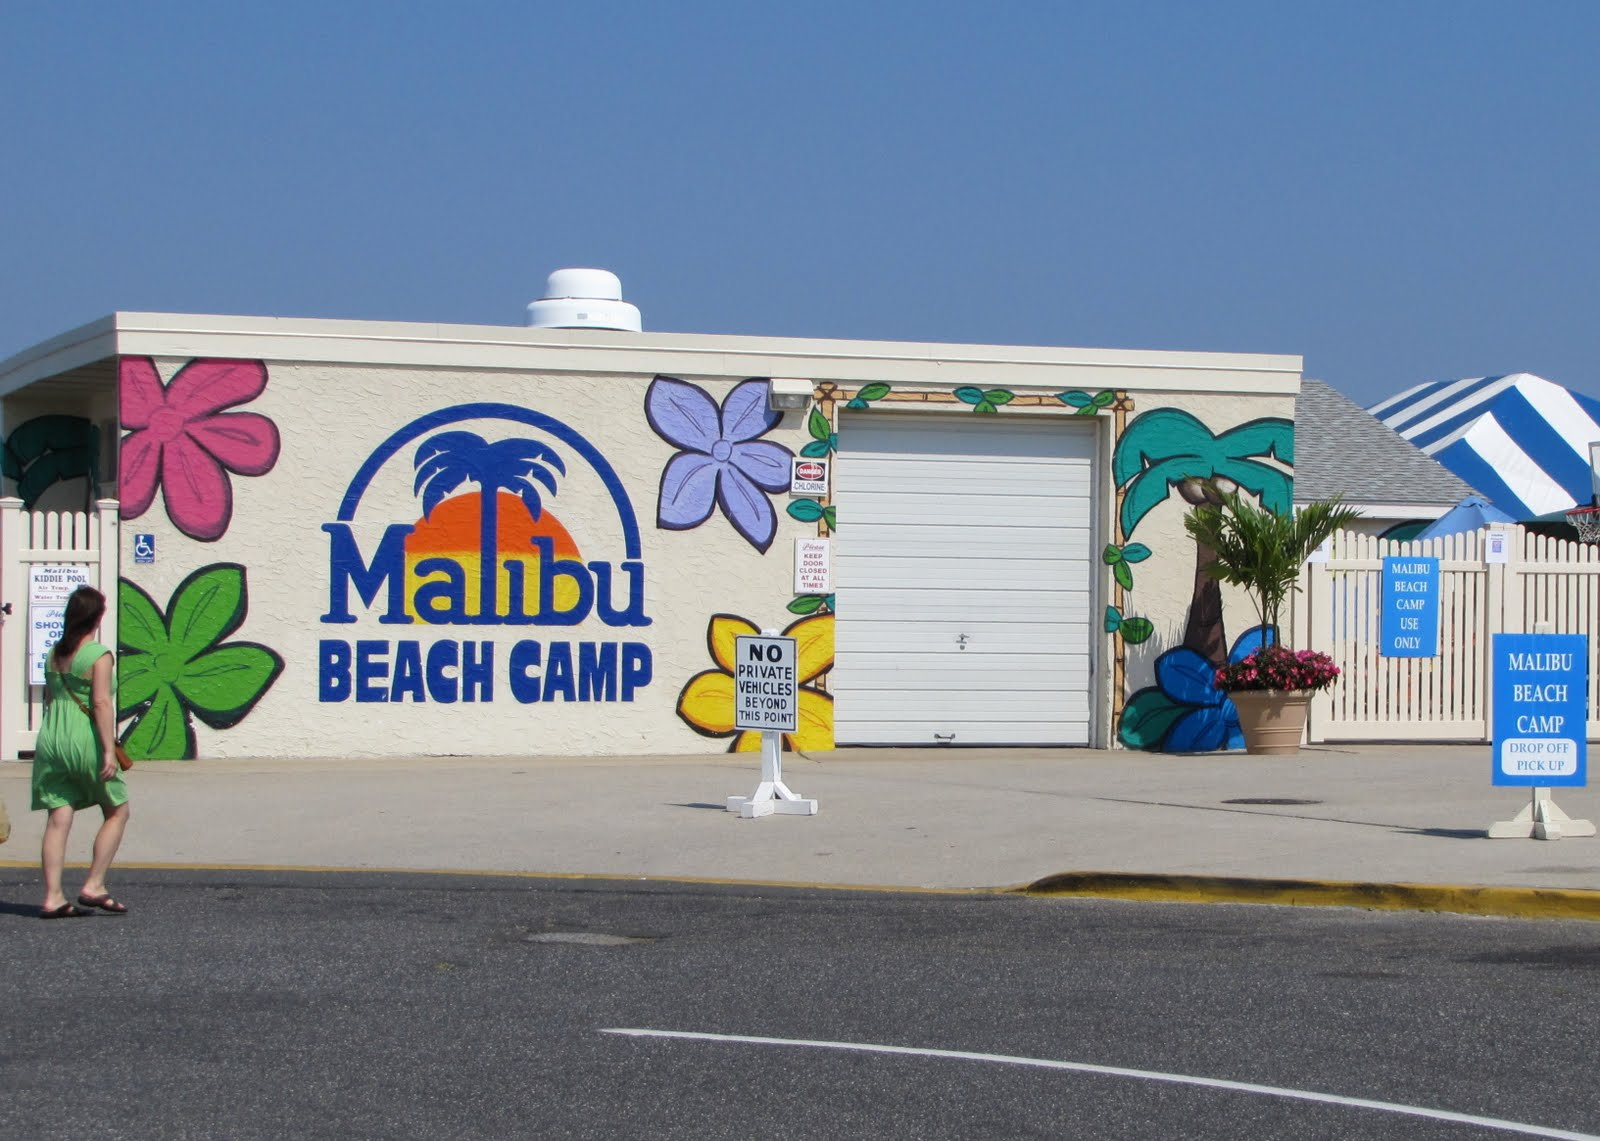 Maliblue lido beach